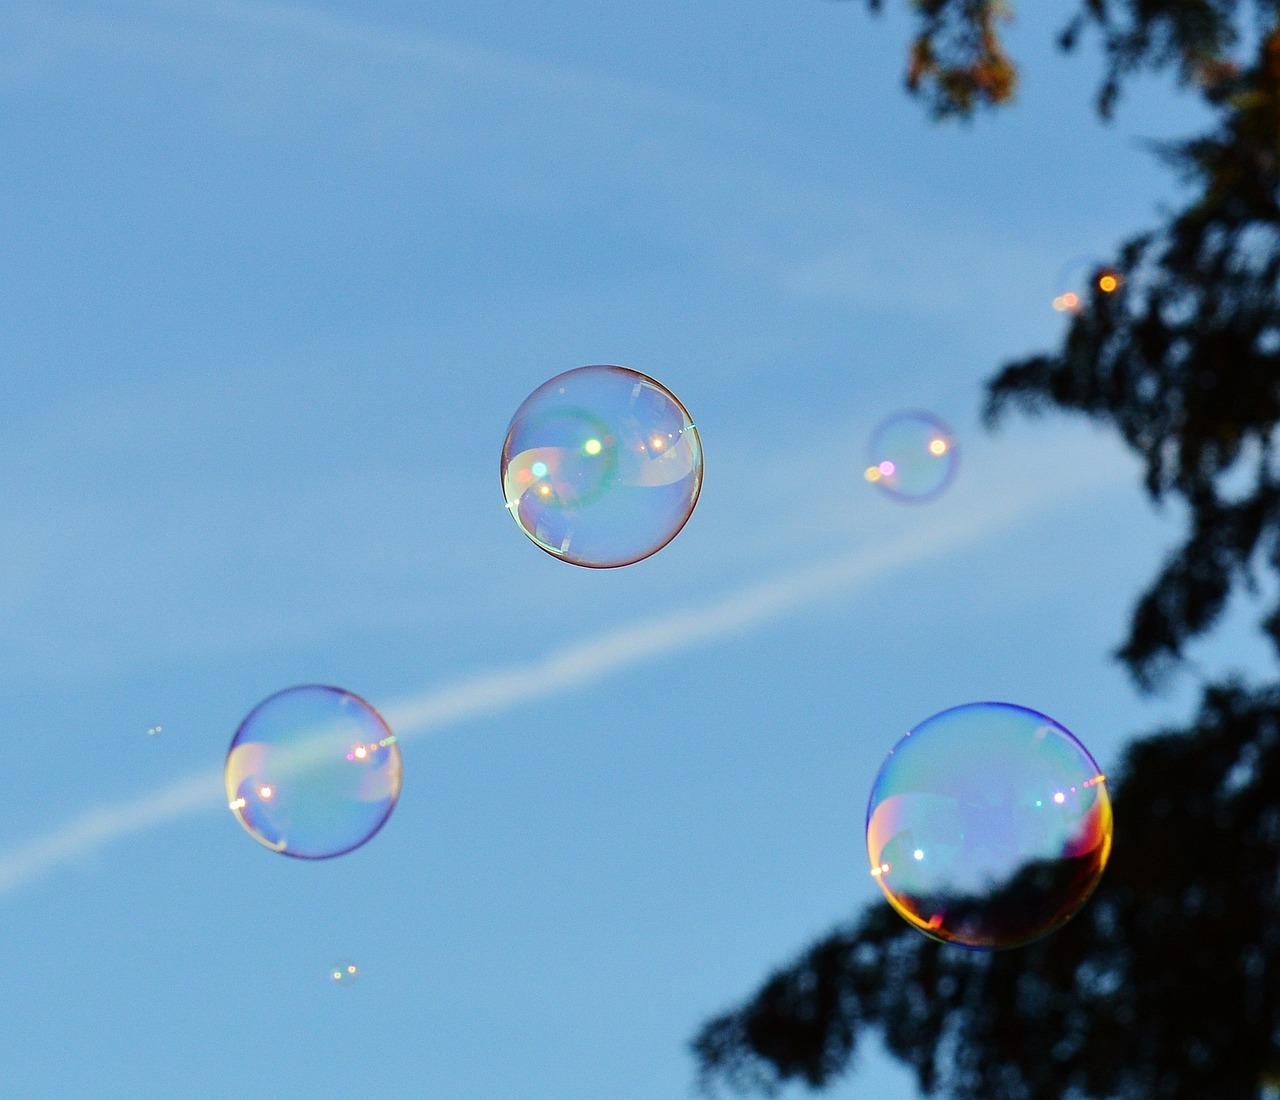 красивые картинки мыльные пузыри тем, кто